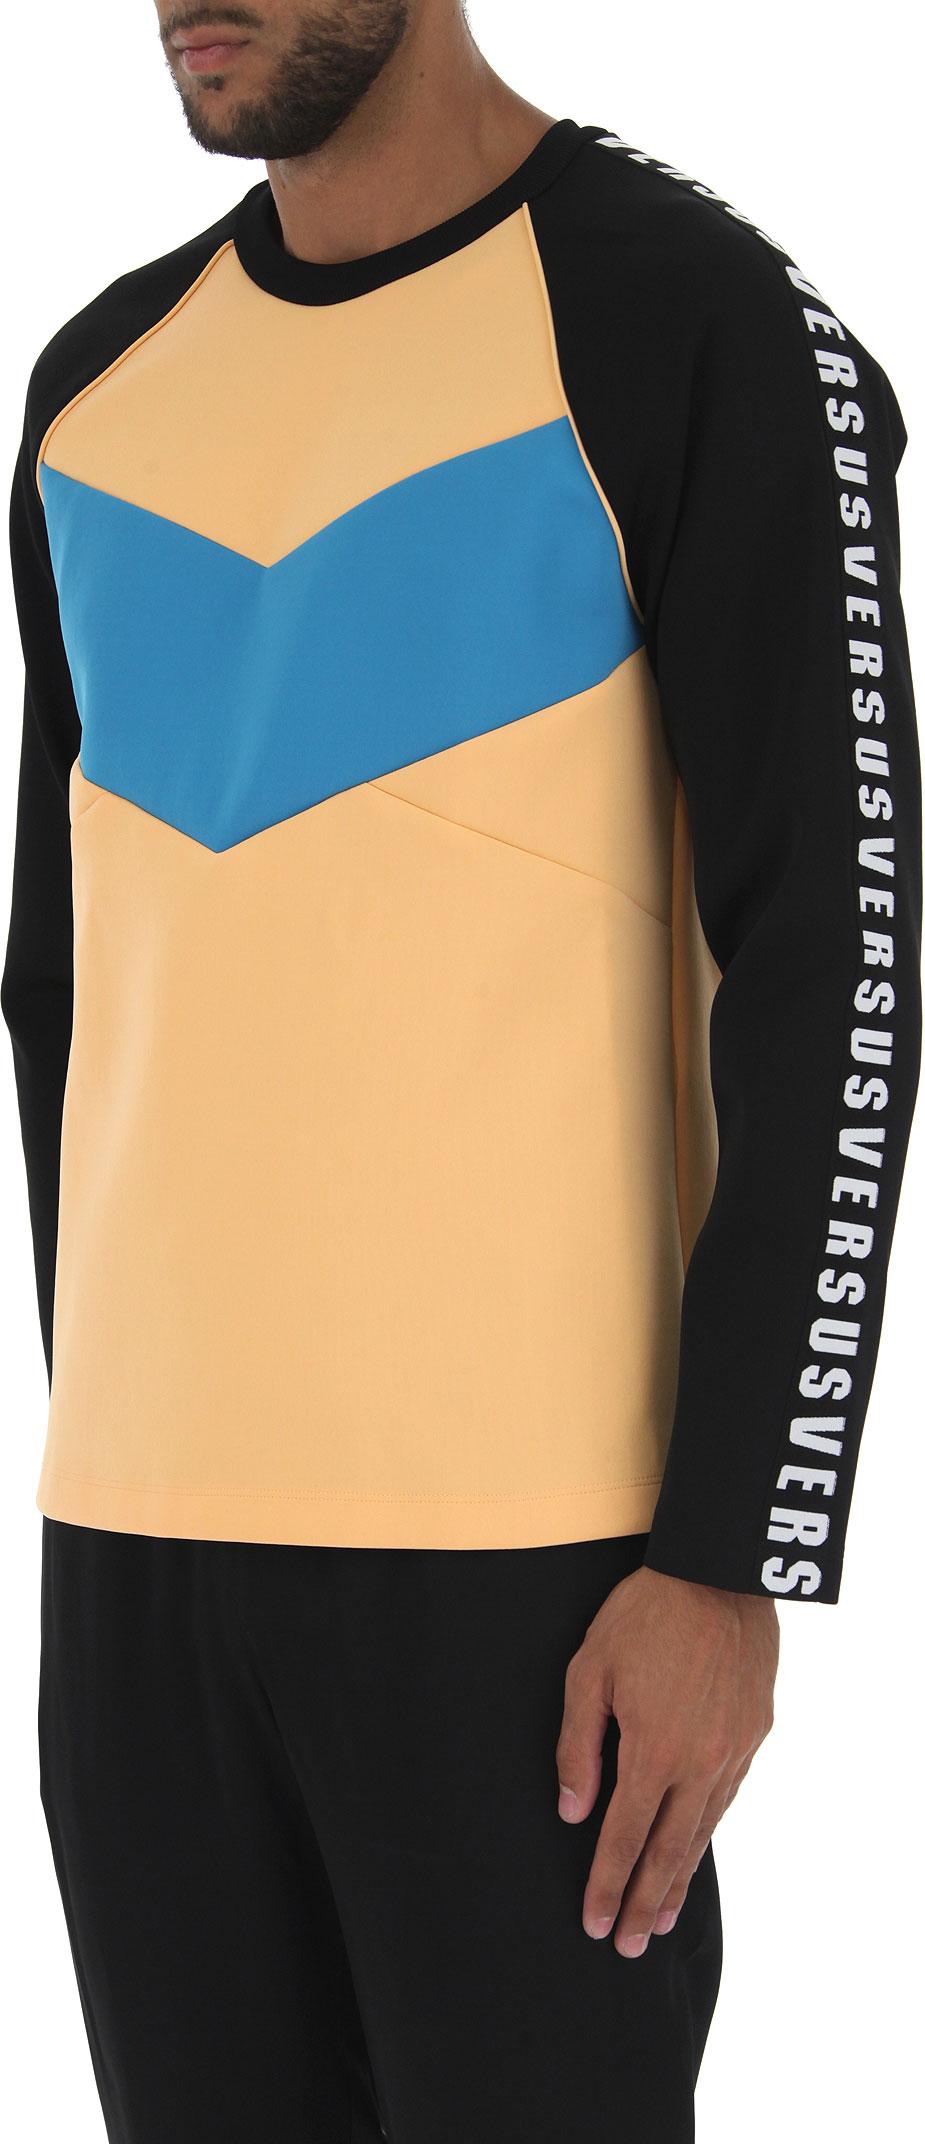 bu90413 Versace Abbigliamento Uomo Abbigliamento Uomo b3089 Codice bj20578 Articolo FOwxYqnqgt